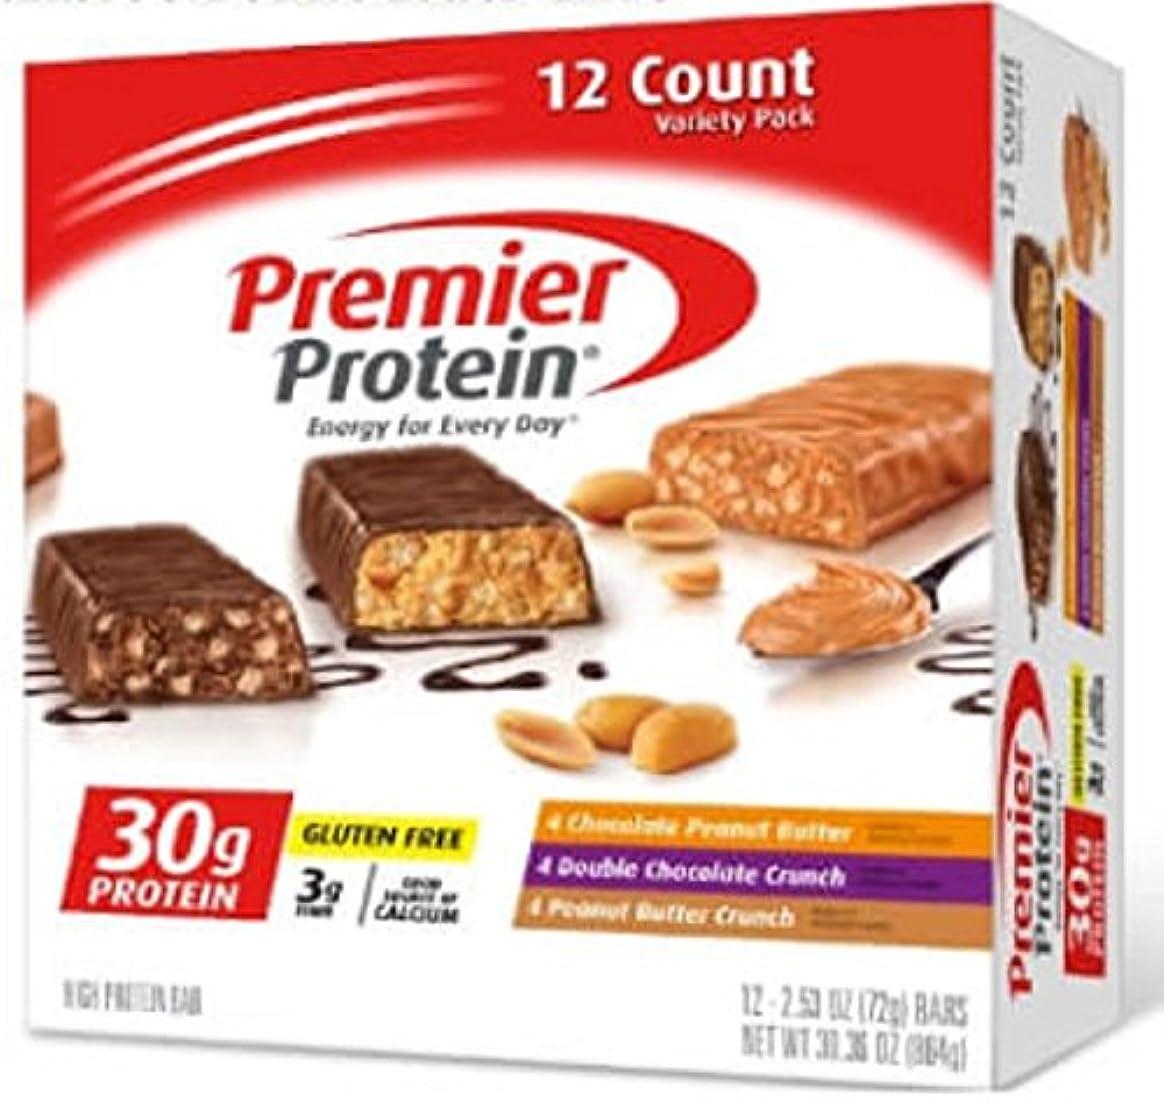 清めるスペアお茶【2箱セット】Premier Protein プレミア プロテイン プロテインバー バラエティパック(72g x 12本入り x 2箱)